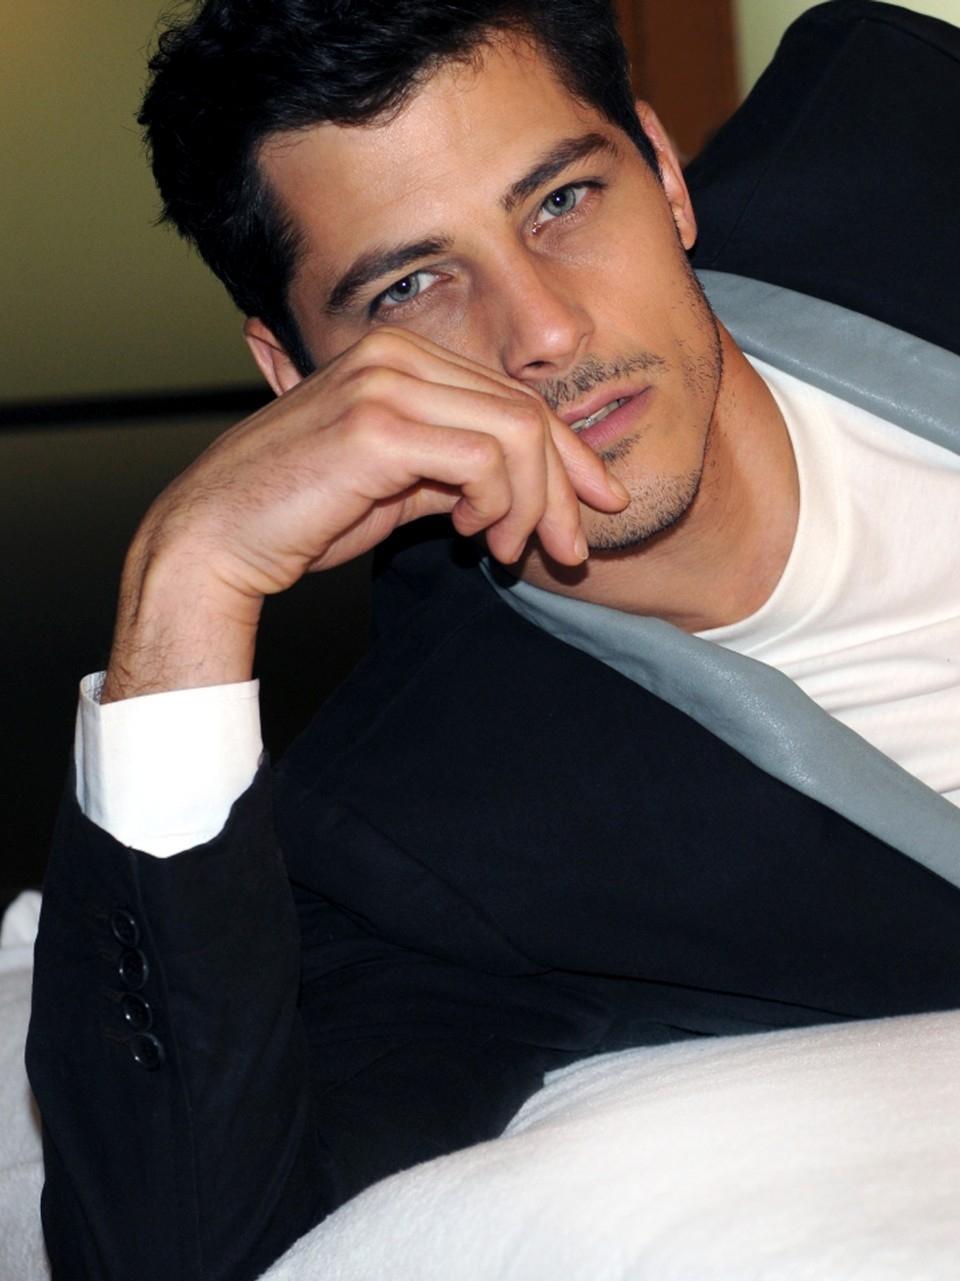 Atesh Salih In 2020 Atesh Salih Model Gorgeous Men